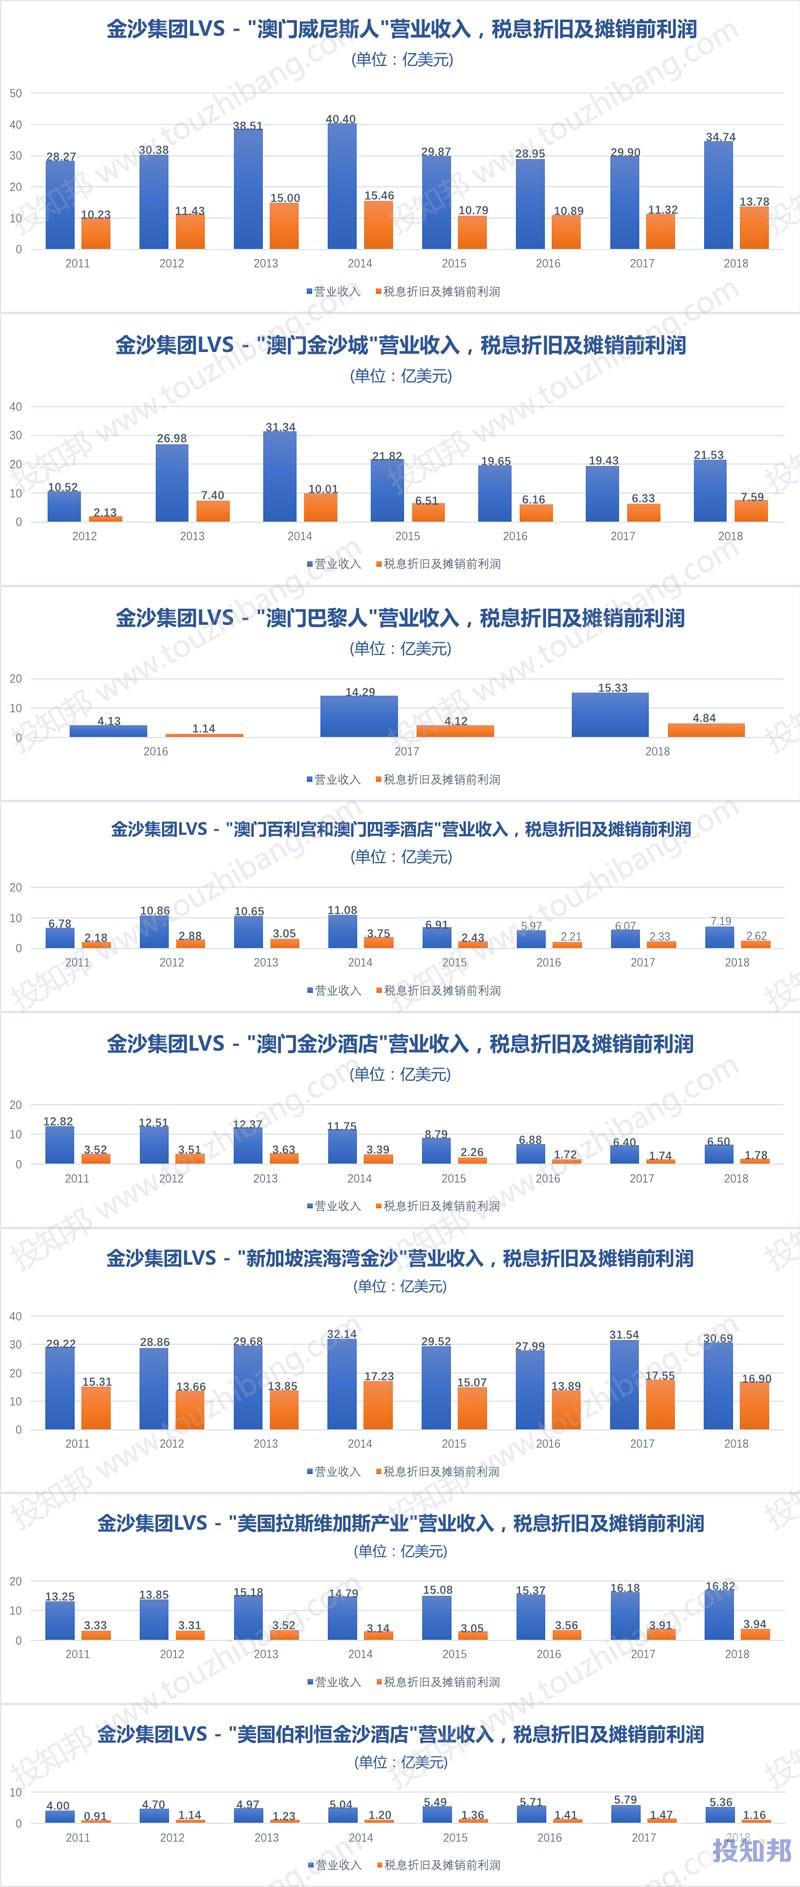 图解金沙集团(LVS)财报数据(2009年~2019年Q2)